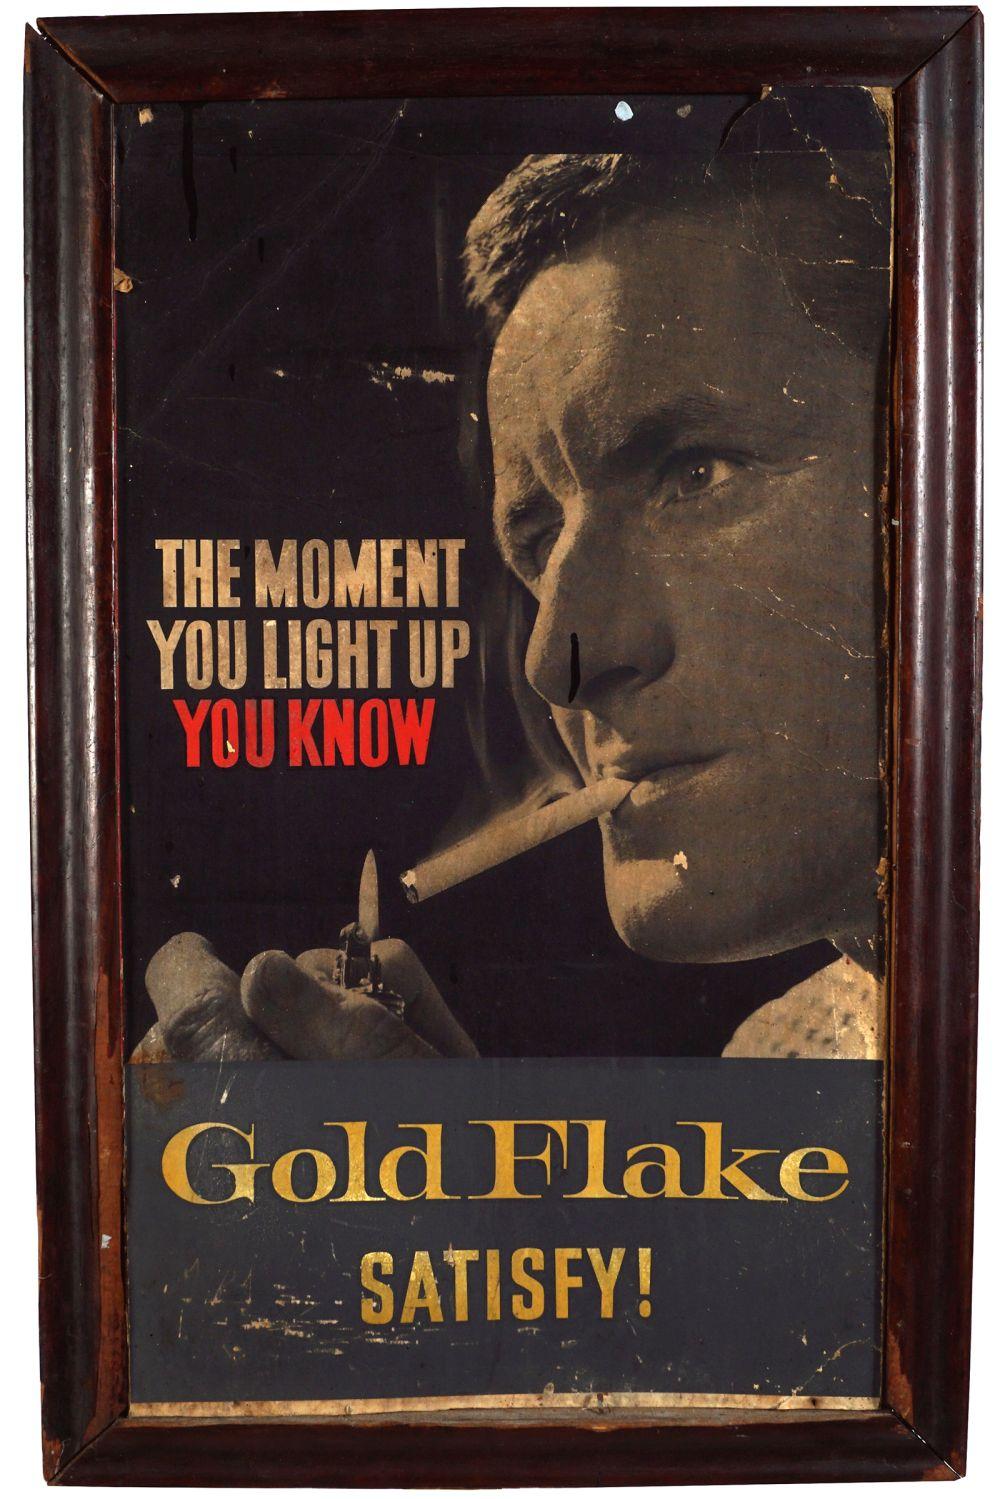 GOLD FLAKE SATISFY! ORIGINAL POSTER